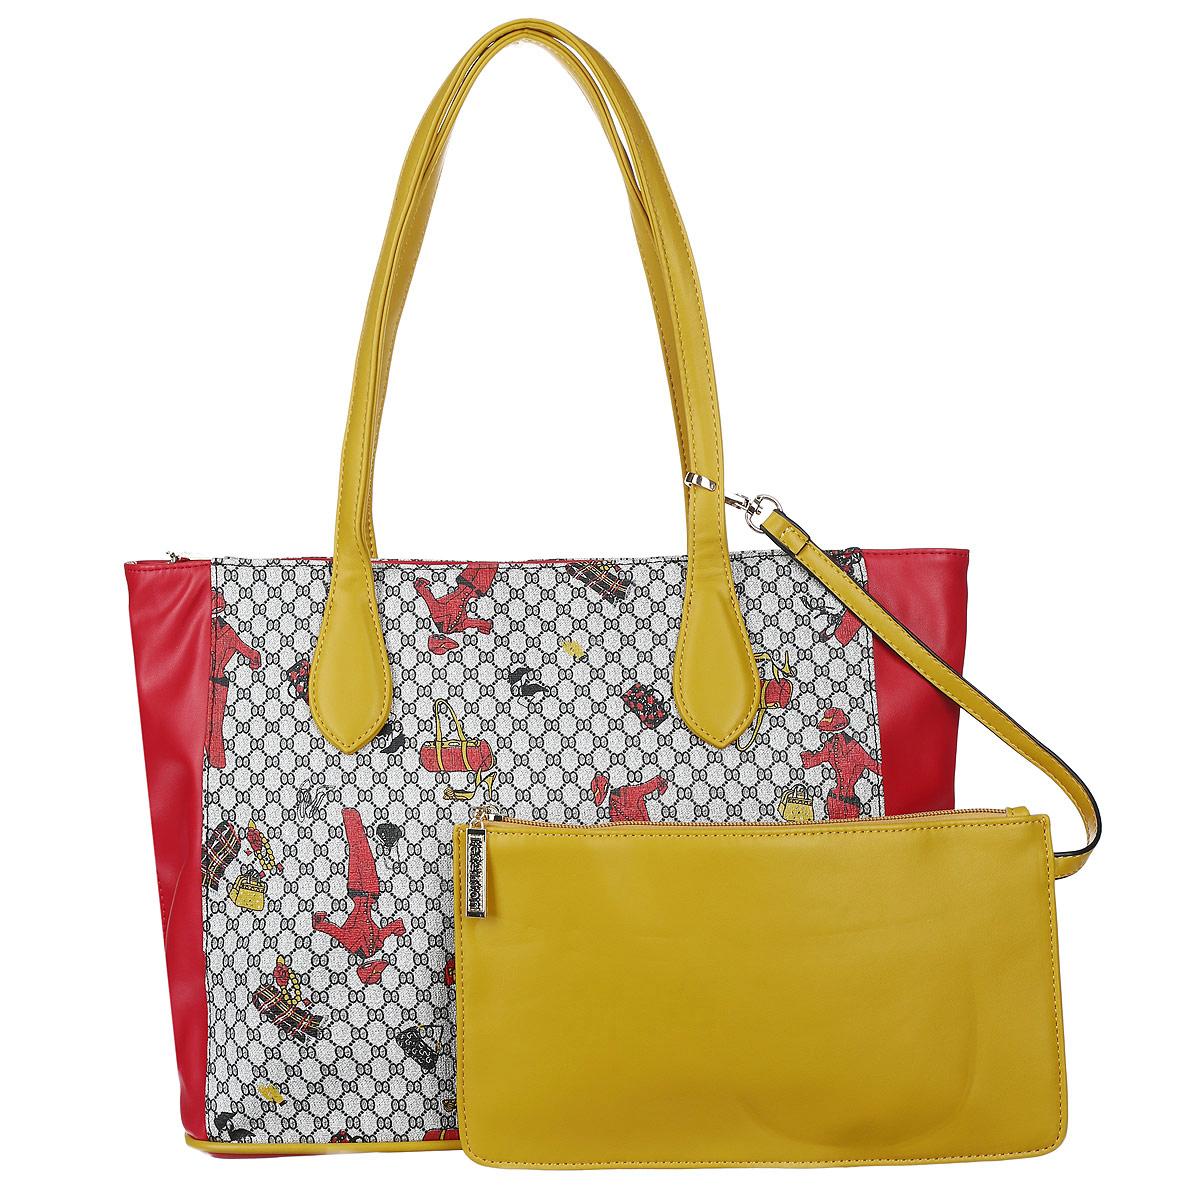 Сумка женская Leighton, цвет: красный, желтый. 570173-7027/1/257/39/257/570173-7027/1/257/39/257/Стильная женская сумка Leighton выполнена из высококачественной искусственной кожи с отделкой контрастного цвета. Сумка имеет одно вместительное отделение, закрывающееся на застежку-молнию. Внутри располагается вшитый карман на застежке-молнии, образующий дополнительное малое отделение, а также два открытых кармана для мелочей и один прорезной карман на молнии. С внешней стороны на задней стенке расположен карман на молнии. Сумка оснащена двумя ручками. В комплекте плечевой ремень. К сумке дополнительно прилагается клатч, который, при необходимости, пристегивается на карабин. Фурнитура - золотистого цвета. Сумка - это стильный аксессуар, который подчеркнет вашу индивидуальность и сделает ваш образ завершенным. Классическое цветовое сочетание, стильный декор, модный дизайн - прекрасное дополнение к гардеробу модницы.